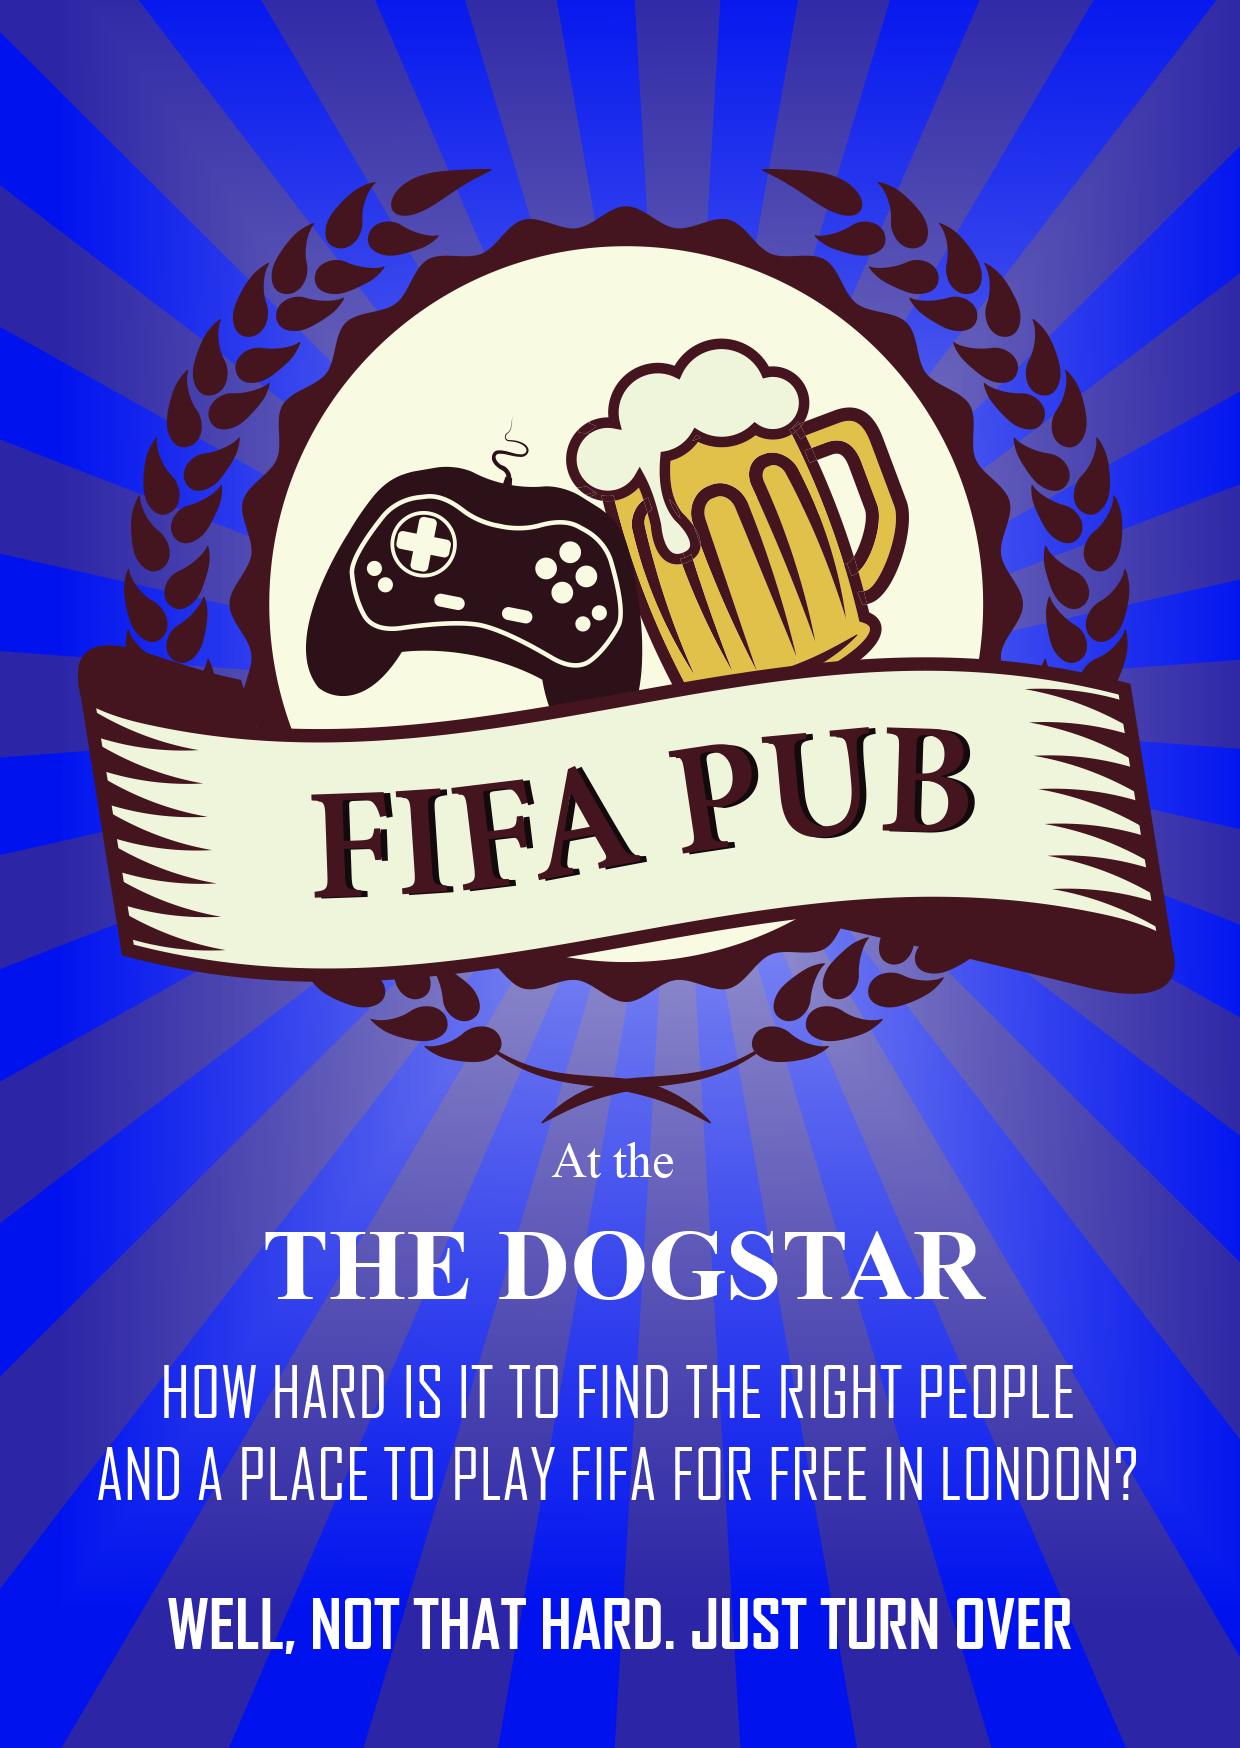 FIFA PUB